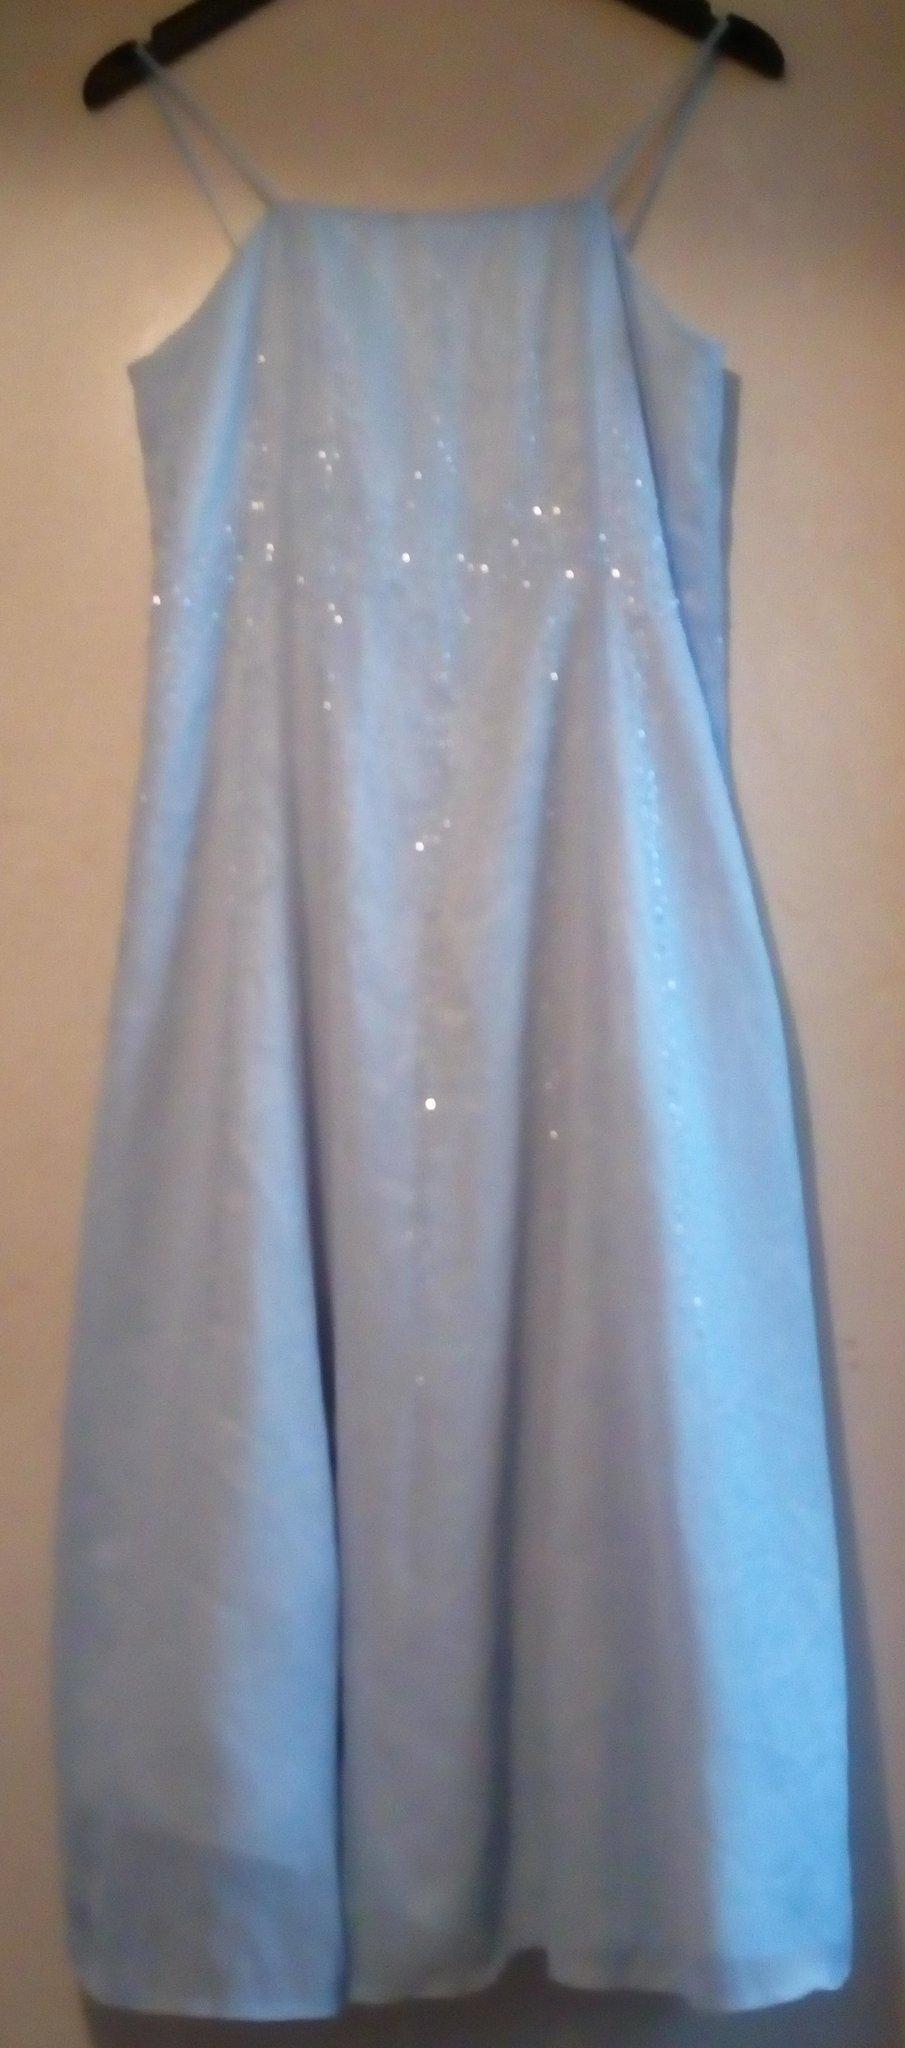 602b4a931d1a Vacker ljusblå bröllop fest bal afton klänning balklänning aftonklänning